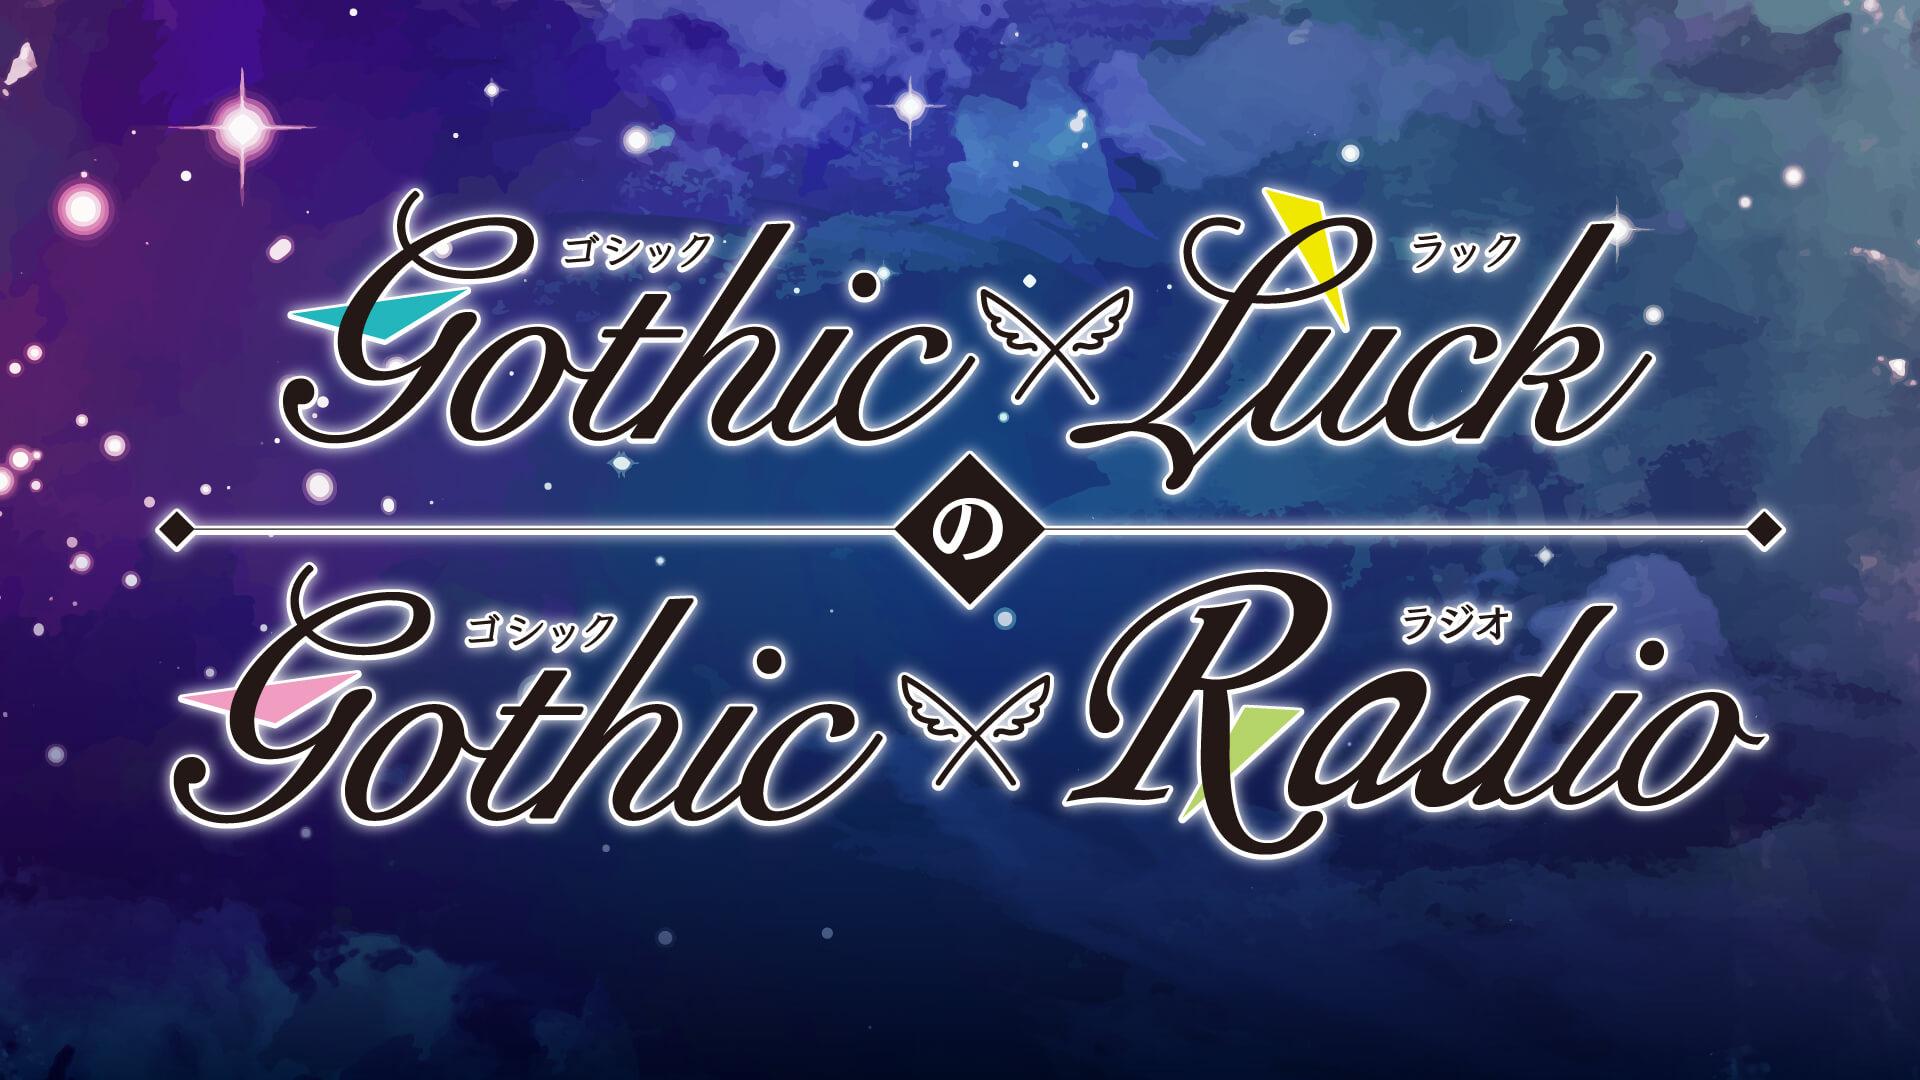 オンラインイベント本日7/11(日)開催!「Gothic×LuckのGothic×Radio」